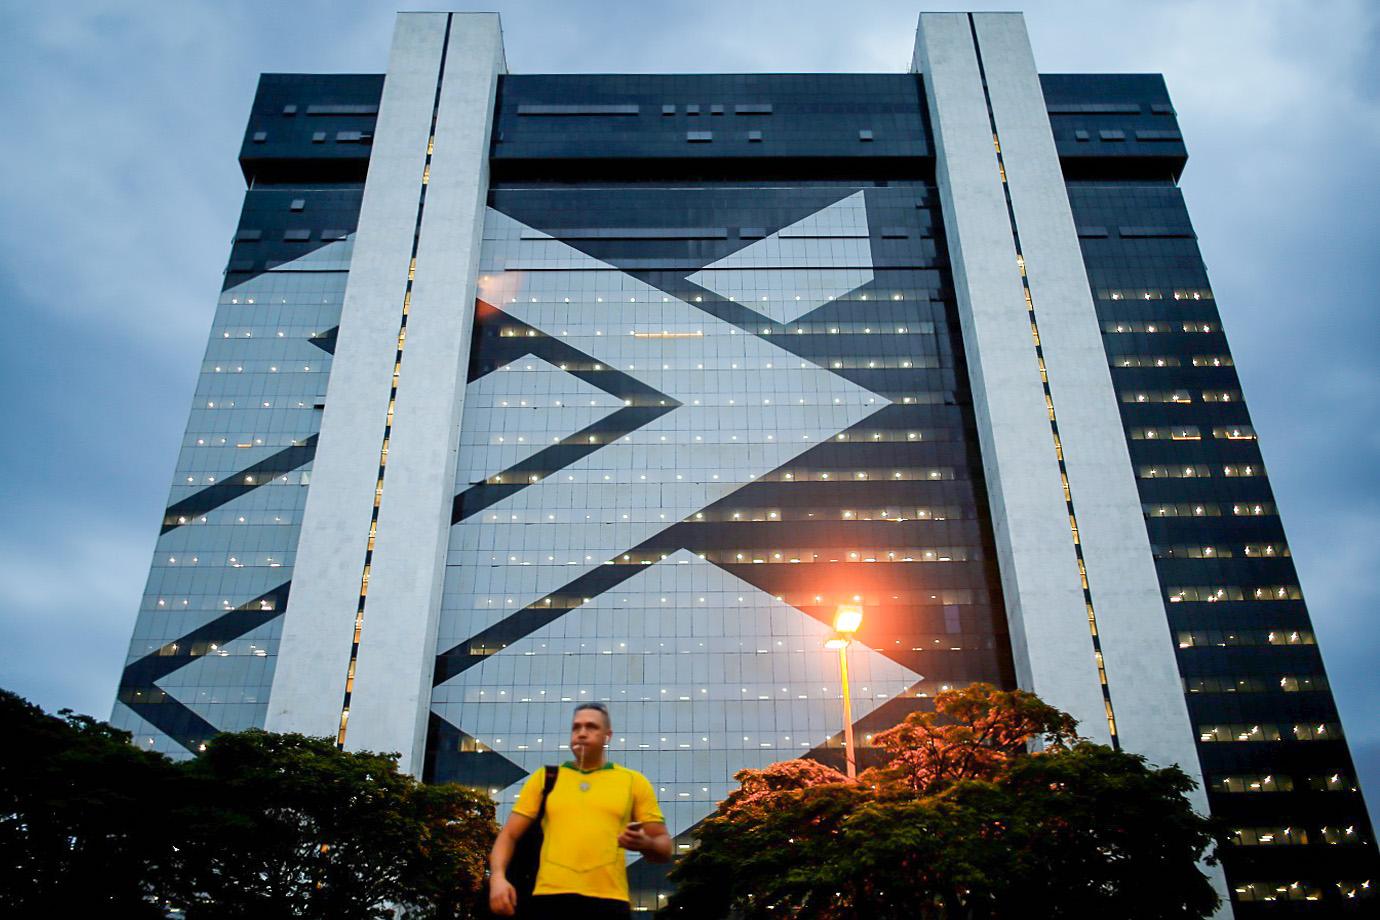 Concurso do Banco do Brasil prorroga inscrições até 1ª semana de agosto